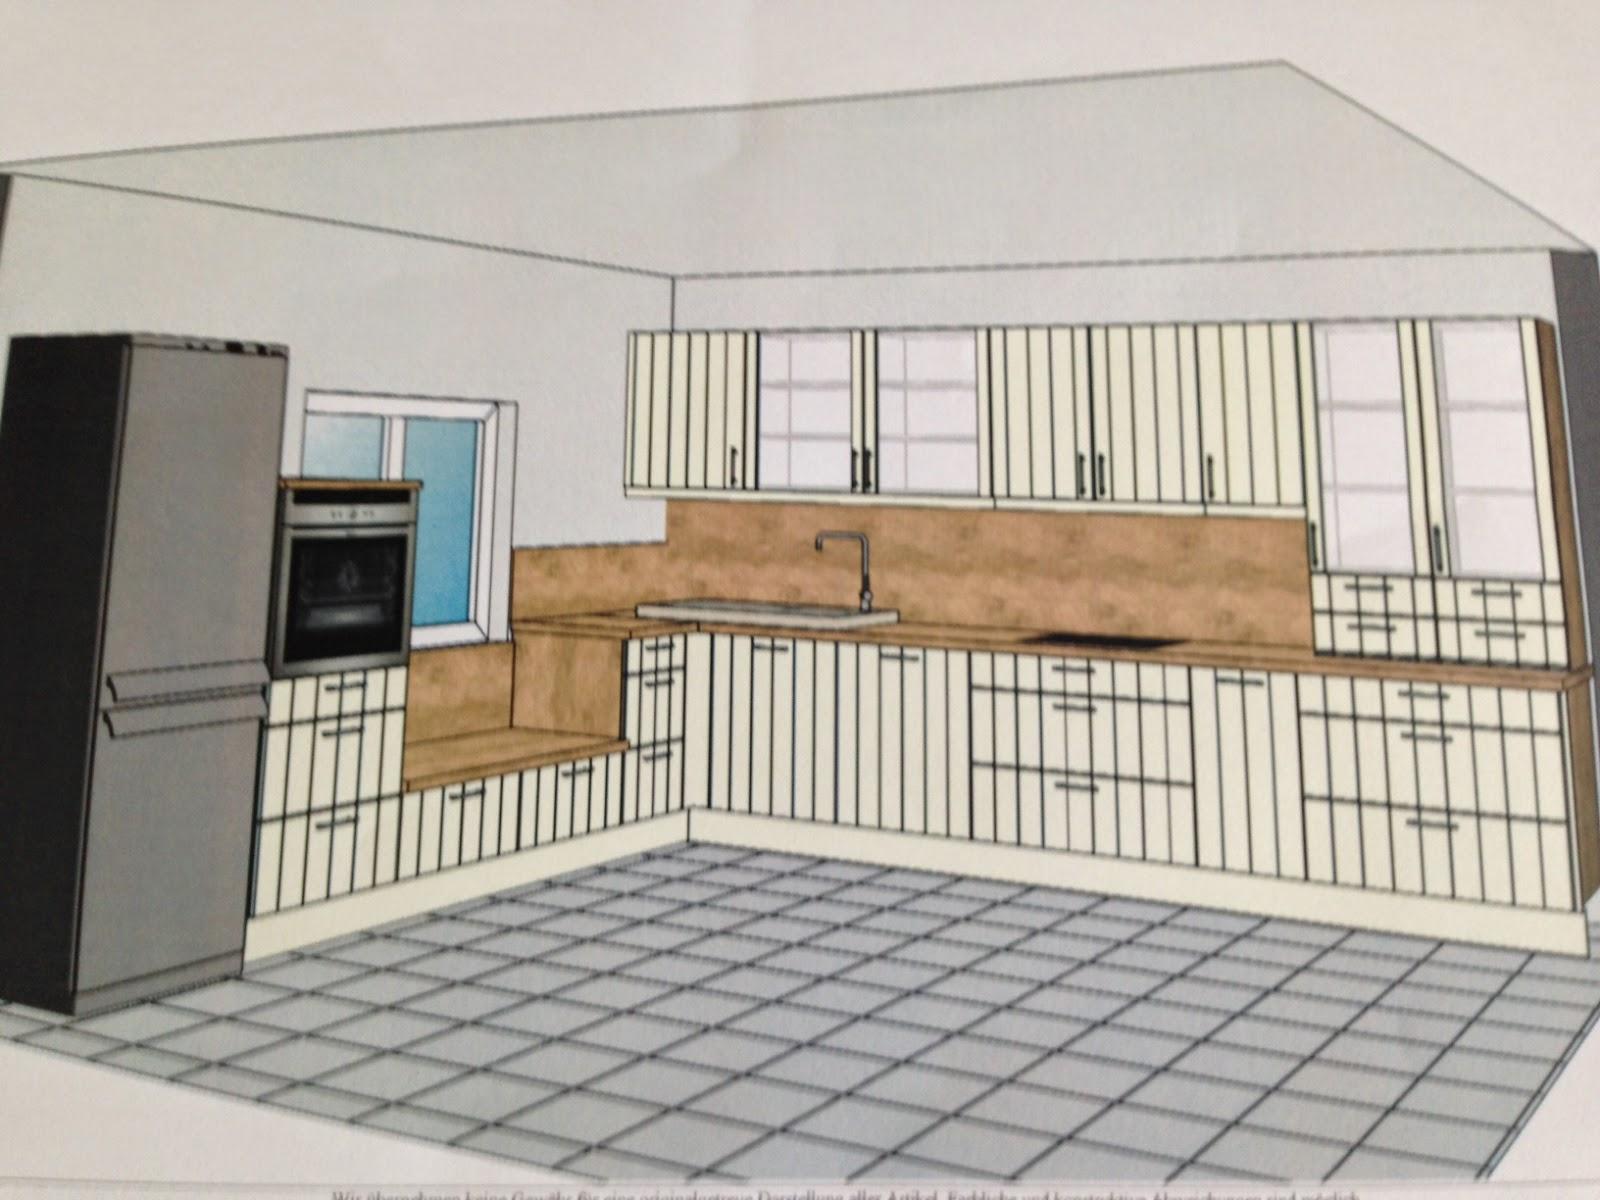 gerda 39 s machen bauen leben lieben n hen gl ck es ist eine k che. Black Bedroom Furniture Sets. Home Design Ideas